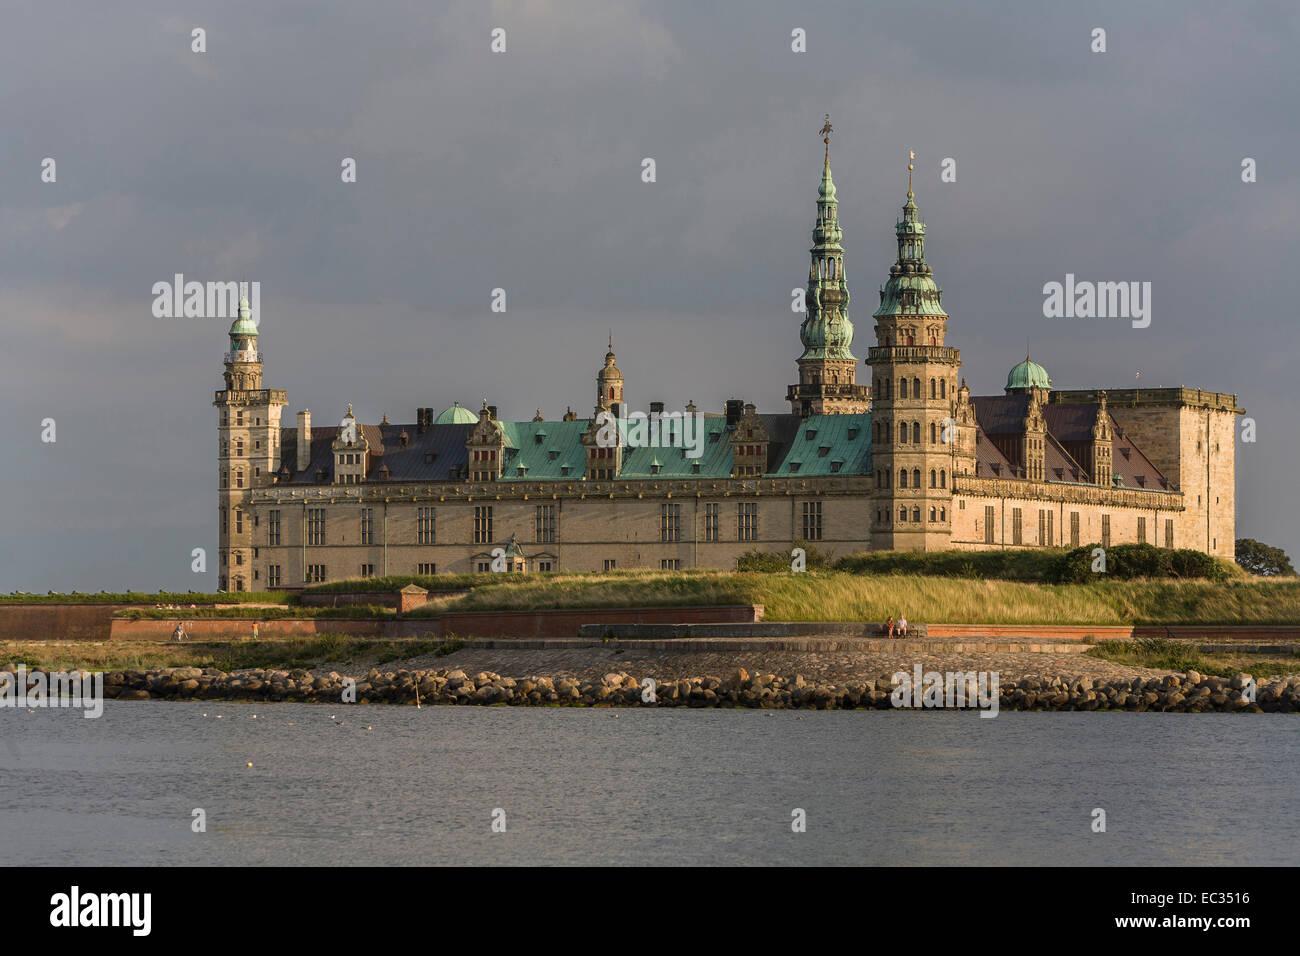 Denmark, Zealand, Helsingor, Kronborg Castle, Kattegat - Stock Image